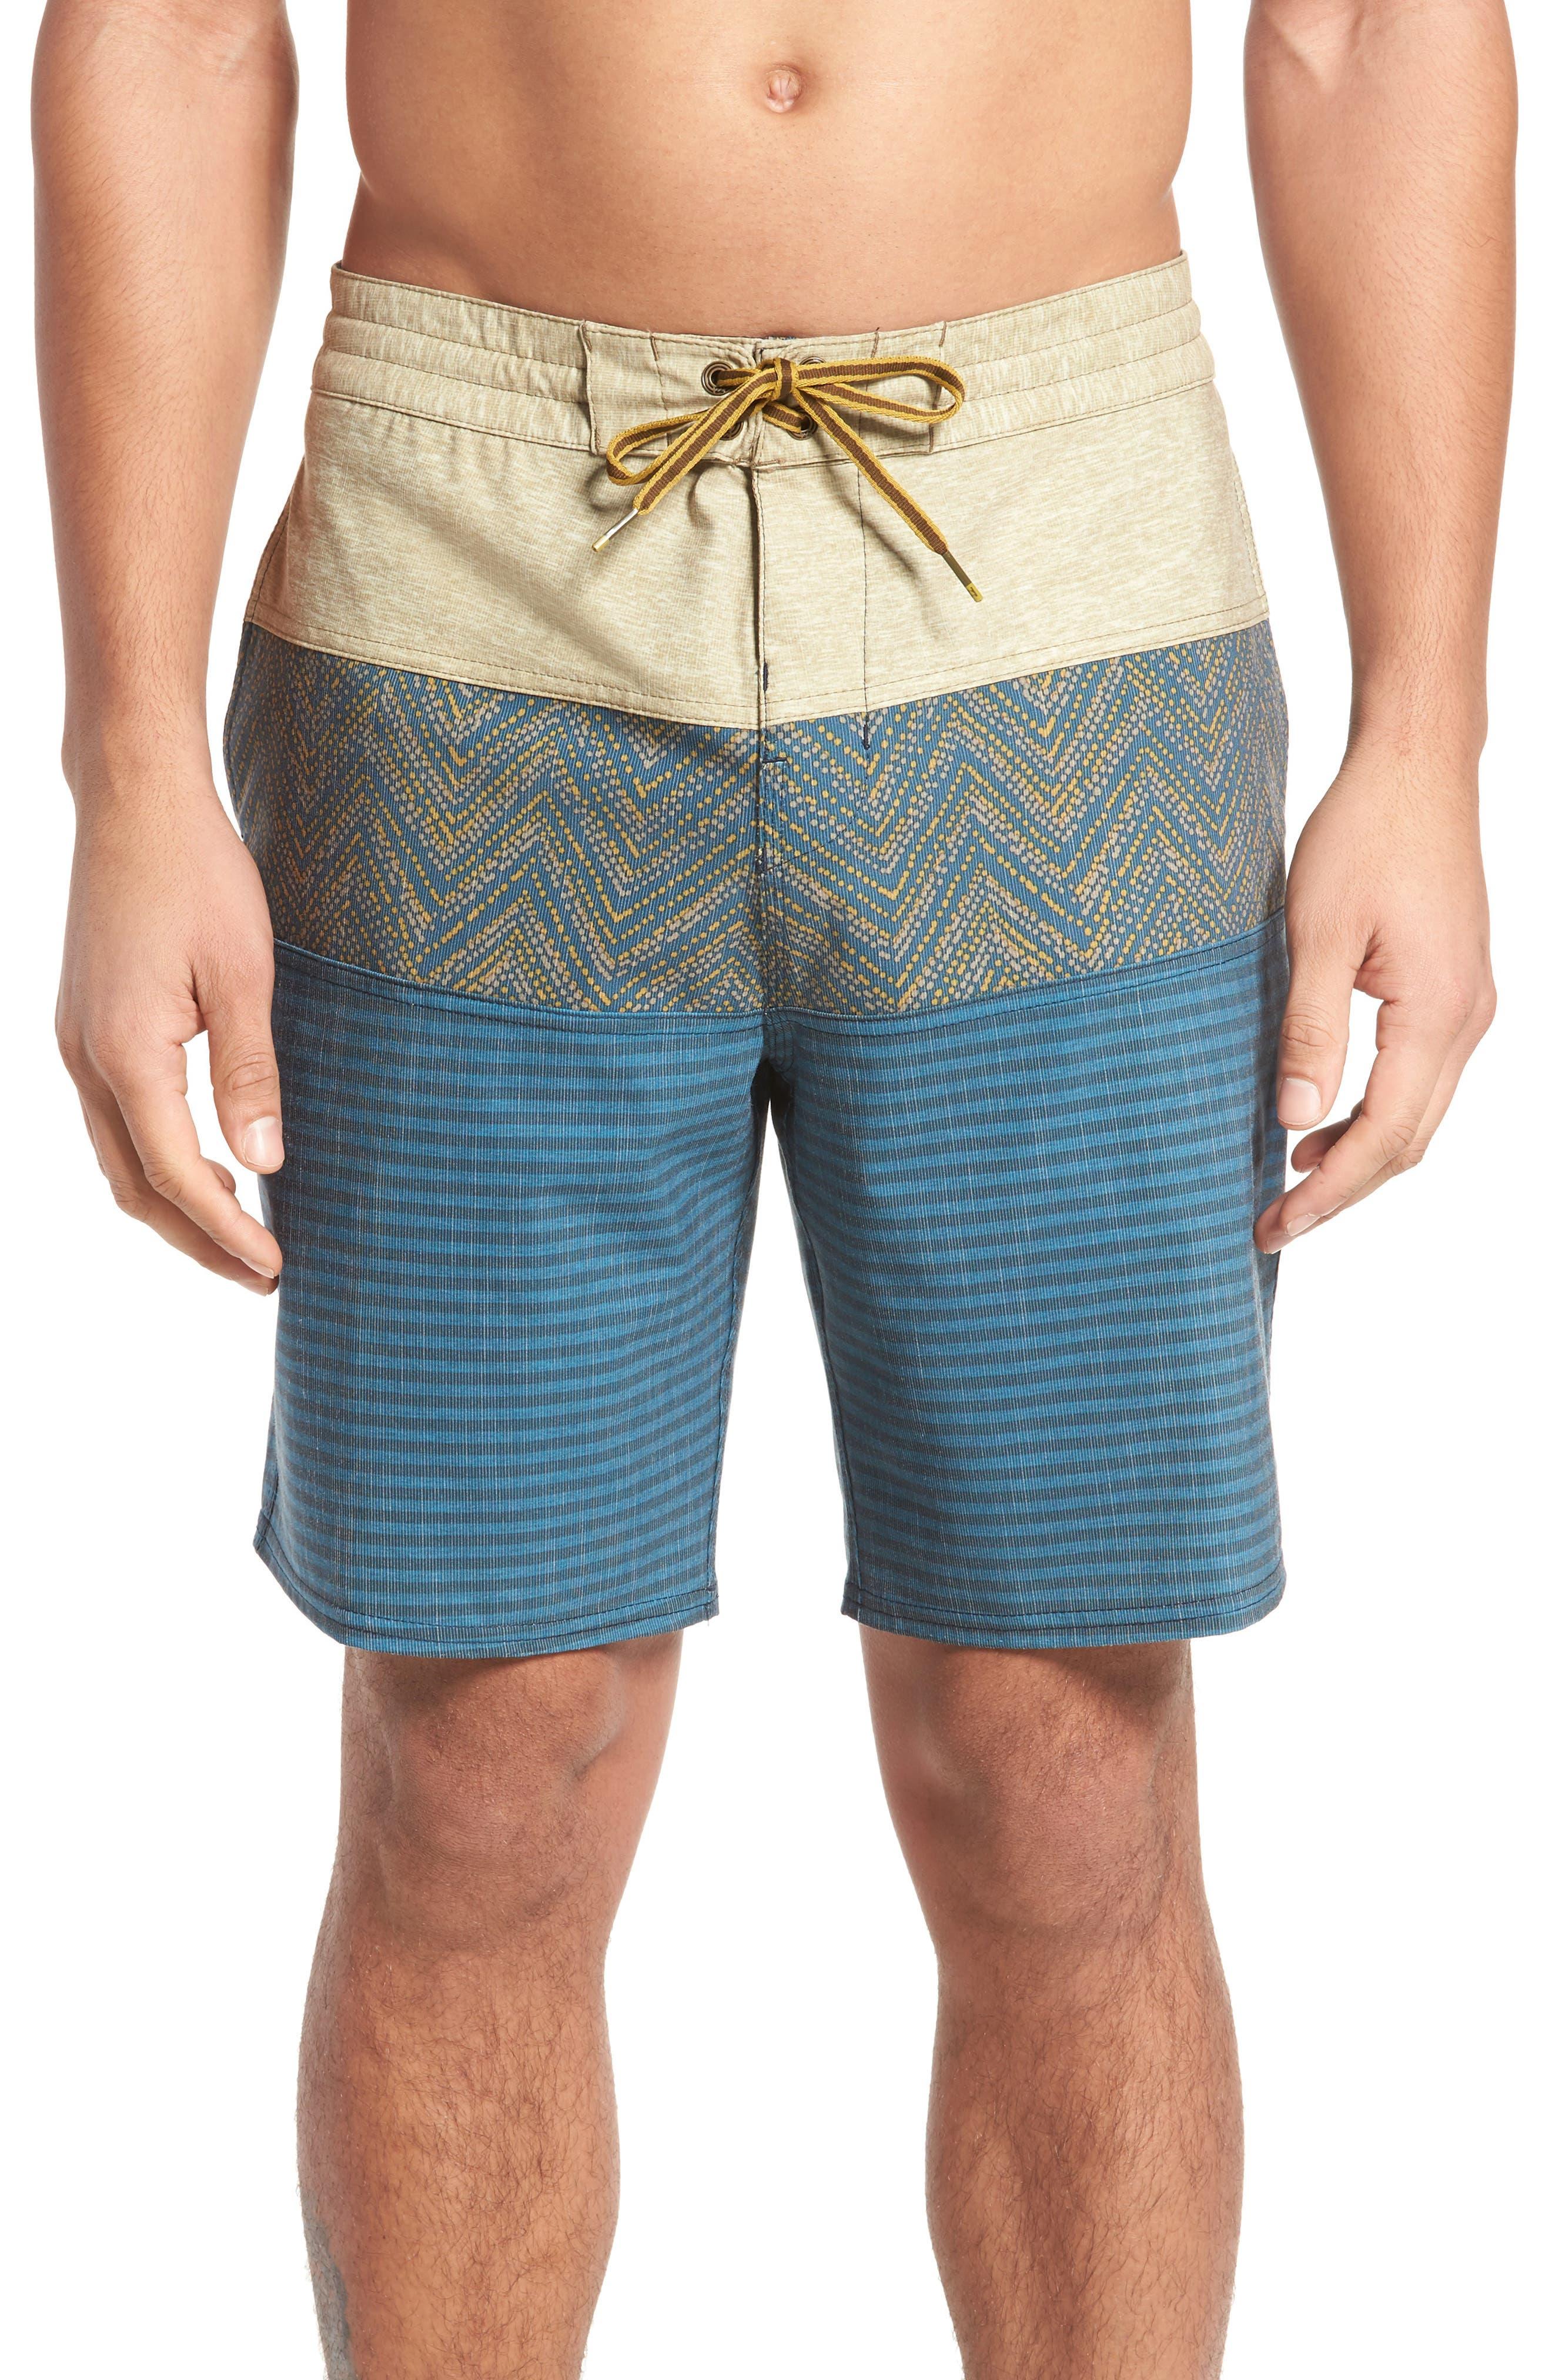 Tribong LT Board Shorts,                             Main thumbnail 1, color,                             Dijon